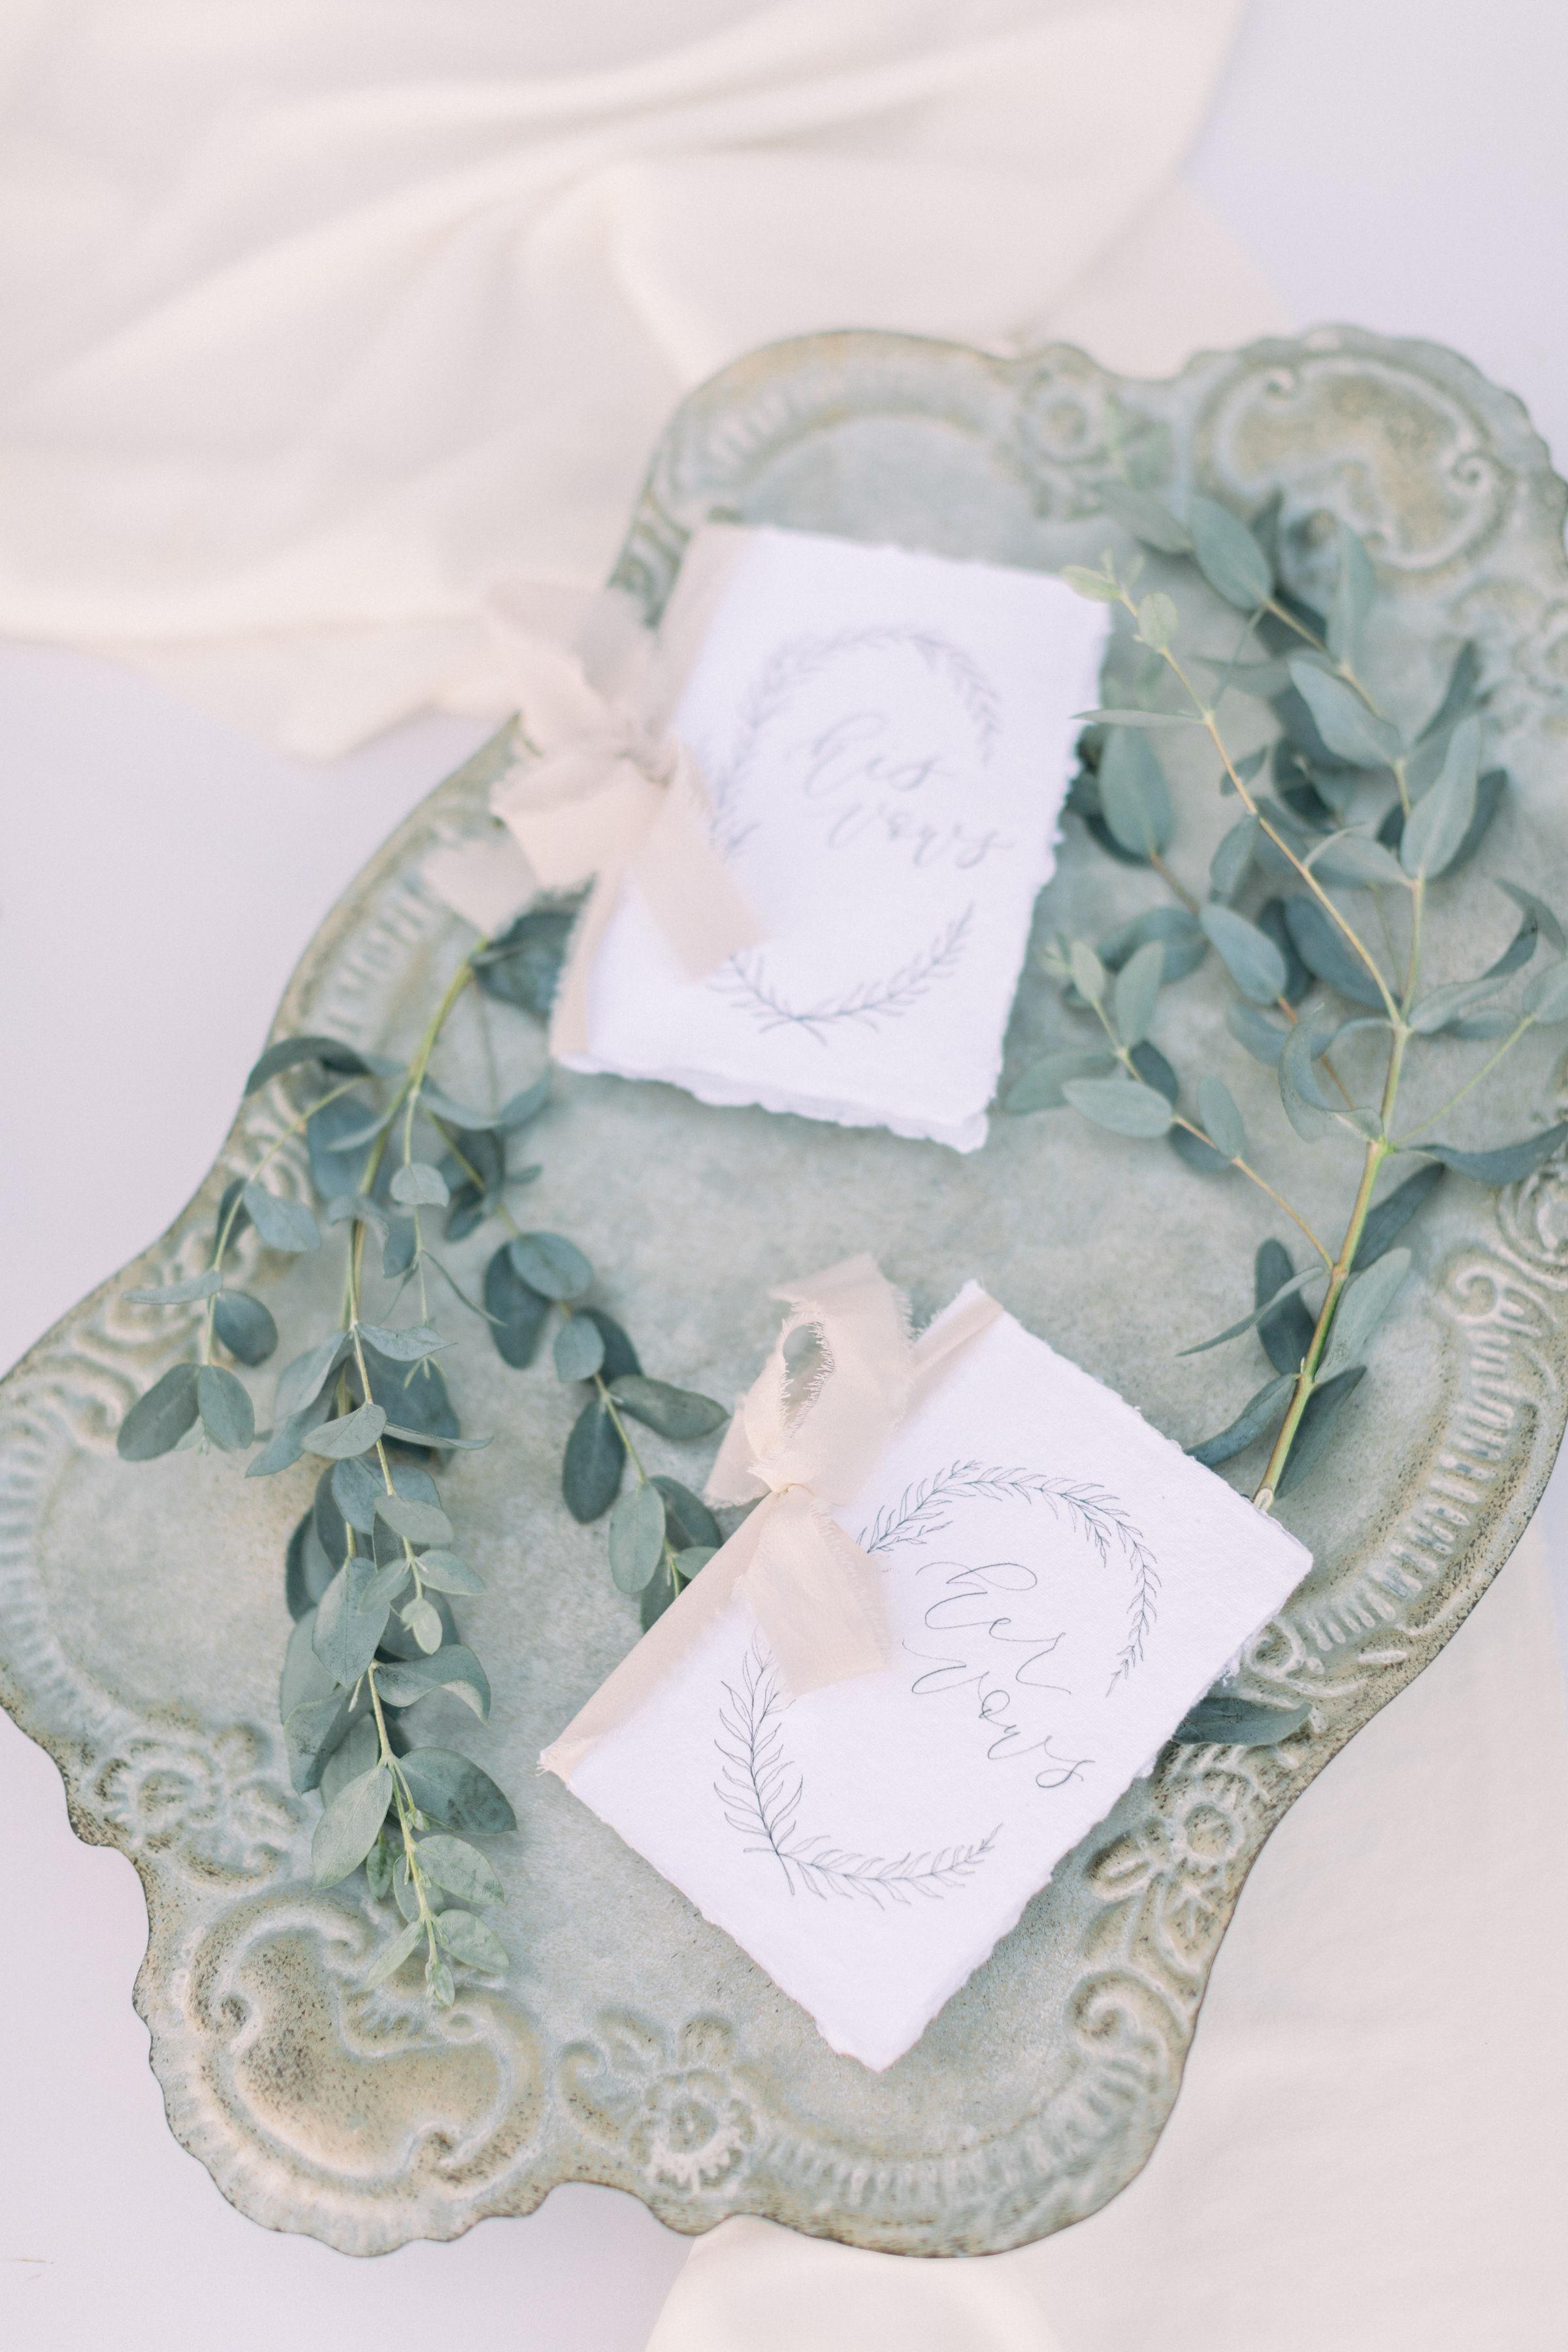 StephanieWeberPhotography-Alice-in-Wonderland-garden-wedding-vow-books-detail